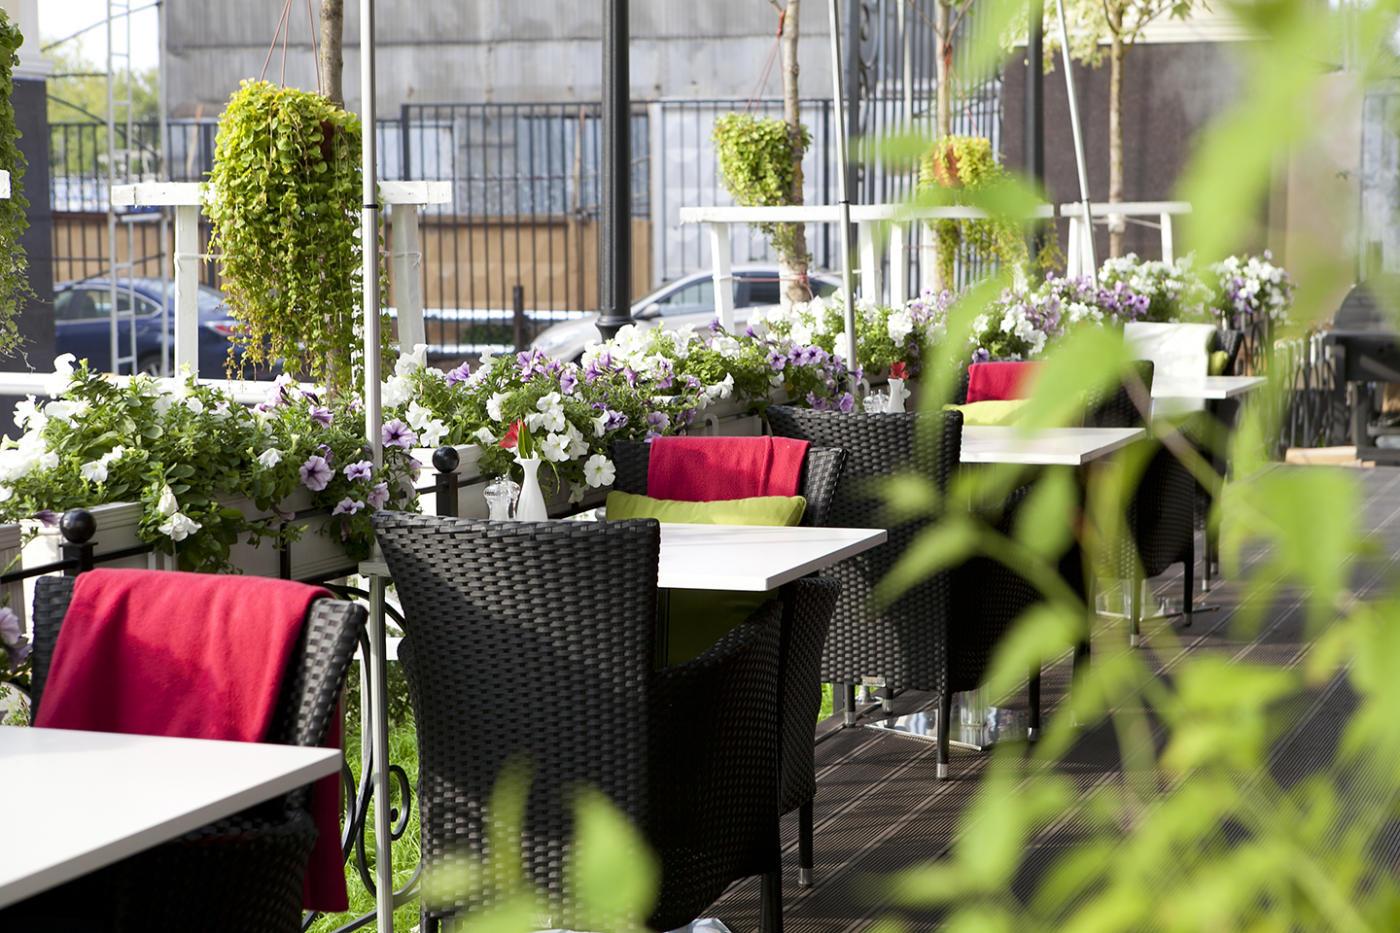 Бельгийский Ресторан Ламбик на Парк Победы (Брассерия Lambic) фото 1